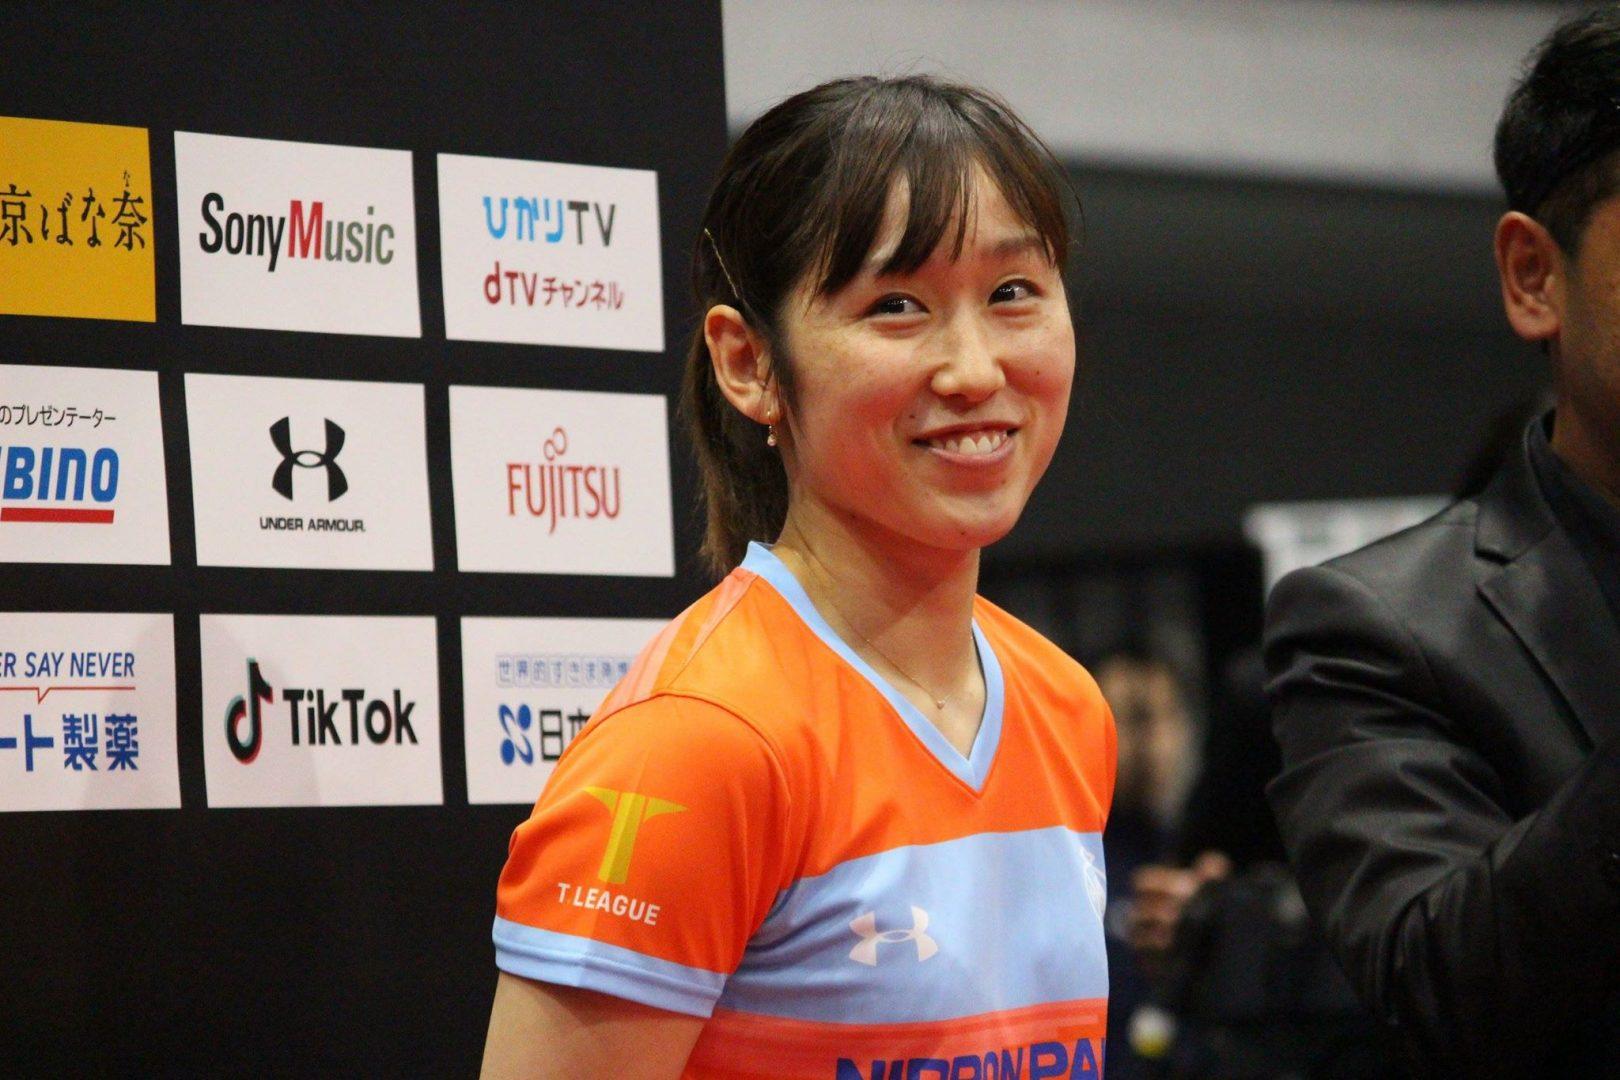 【卓球・Tリーグ】本日よりシーズン再開 インタビューで振り返る日本ペイントマレッツ